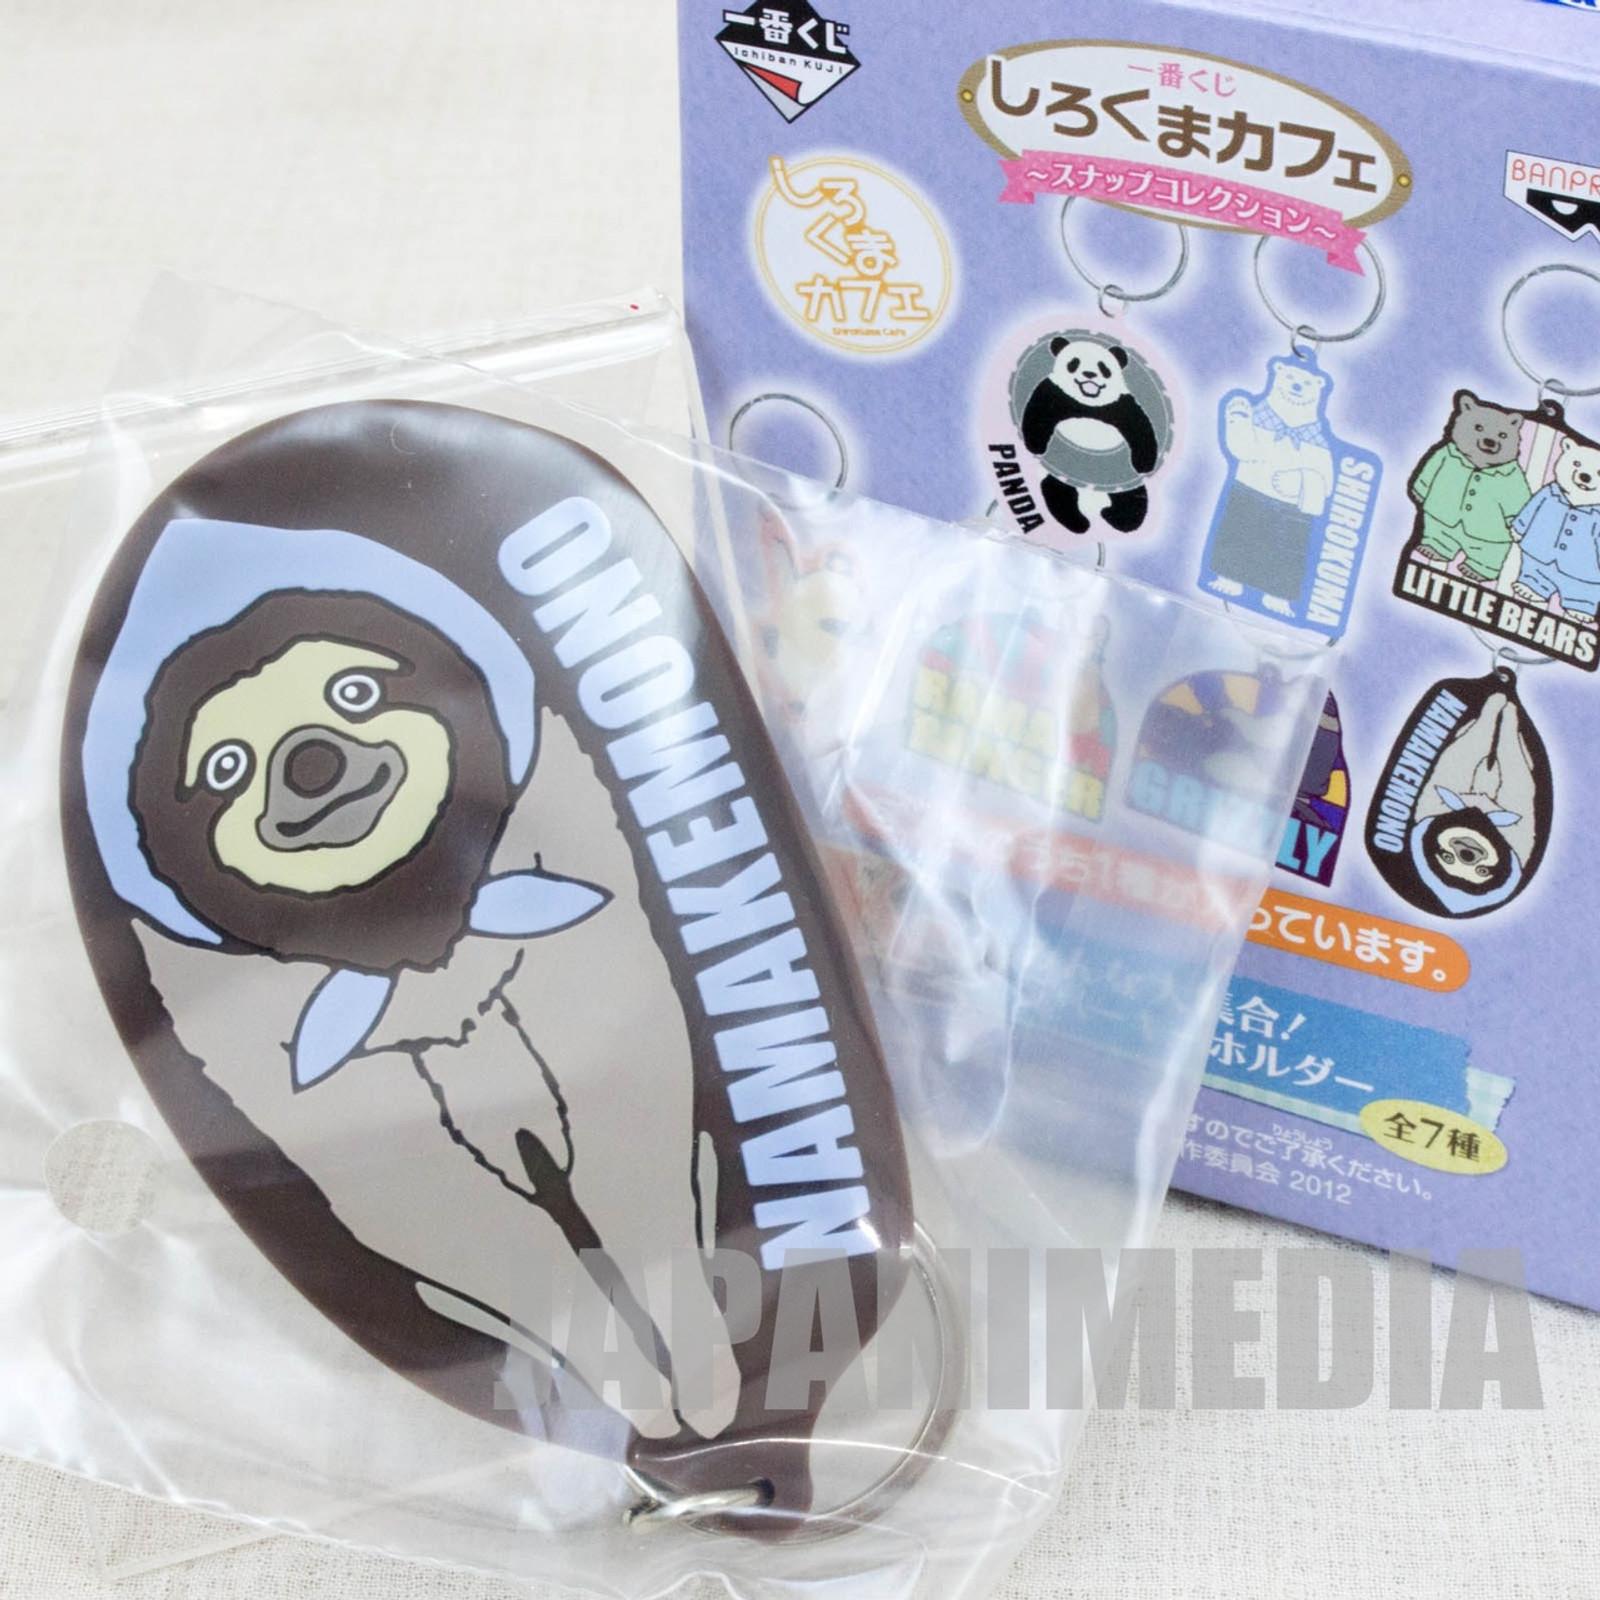 Shirokuma Cafe Sloth (Namakemono) Mascot Rubber Key Holder JAPAN ANIME